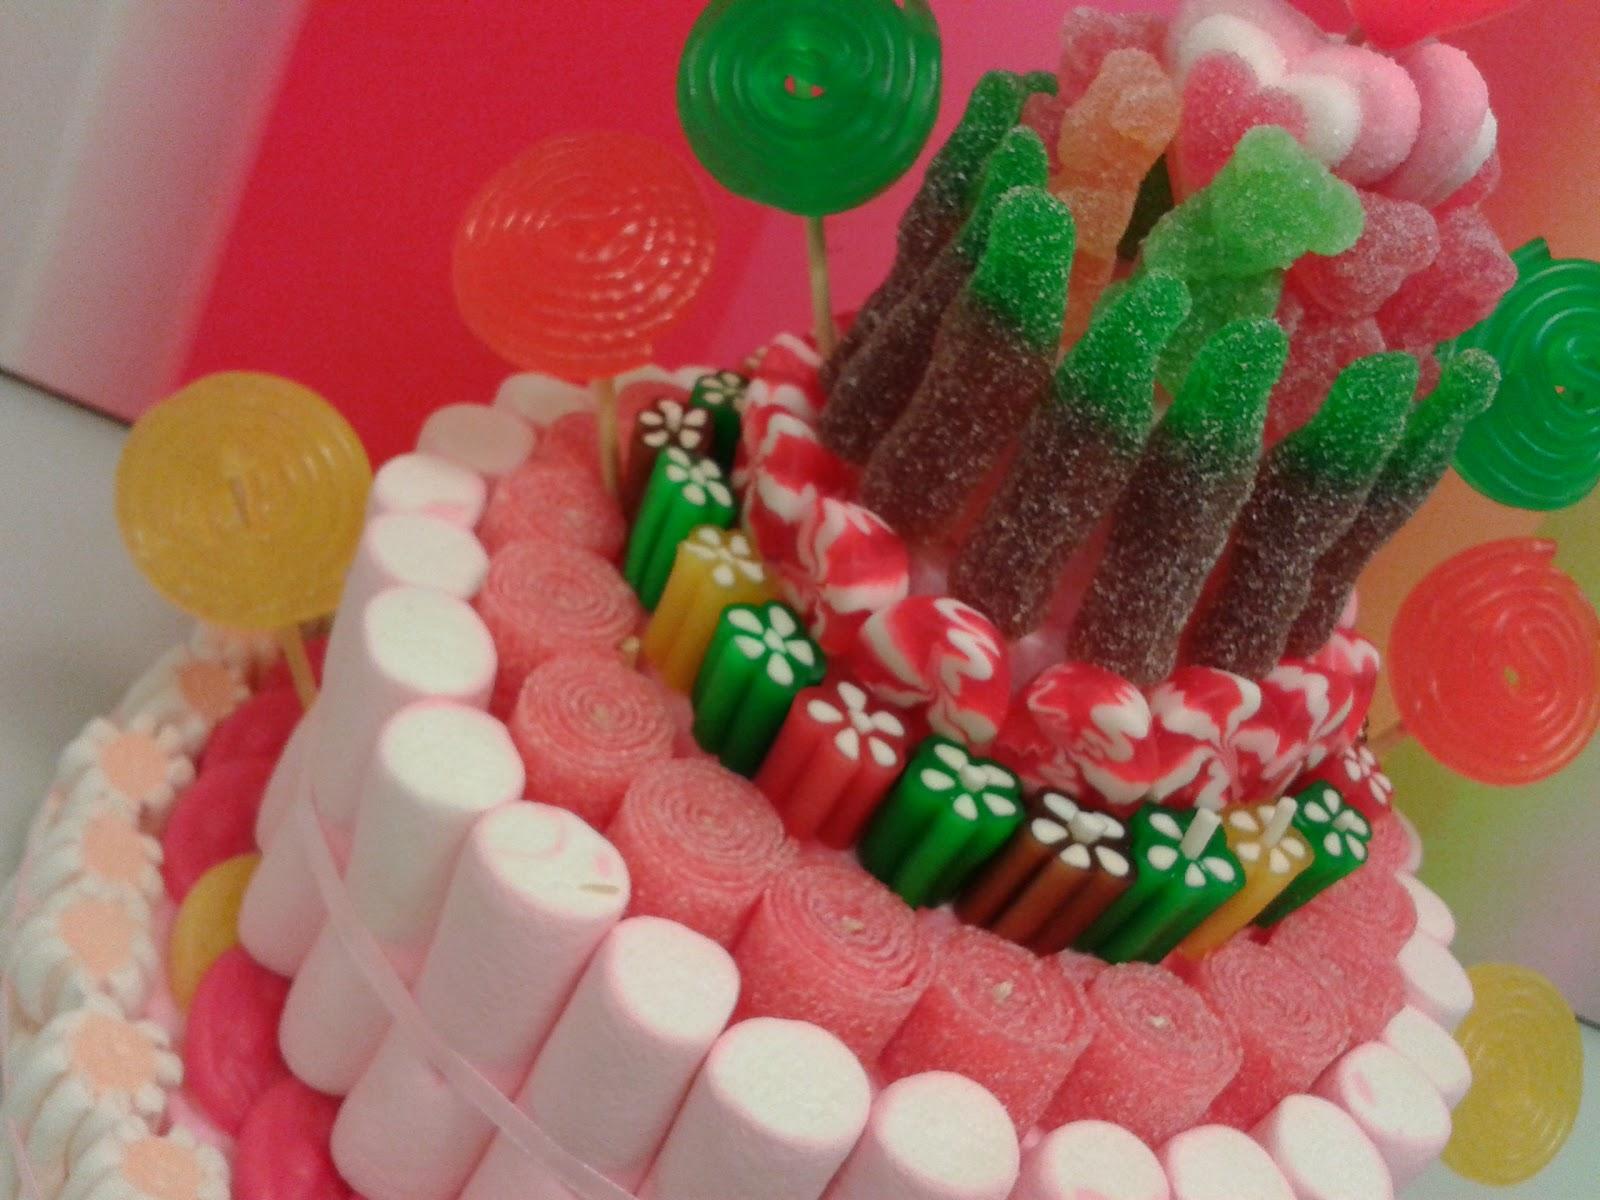 Chuchedetalles pamplona tarta de chuches con pisos para irene - Tartas de chuches fotos ...